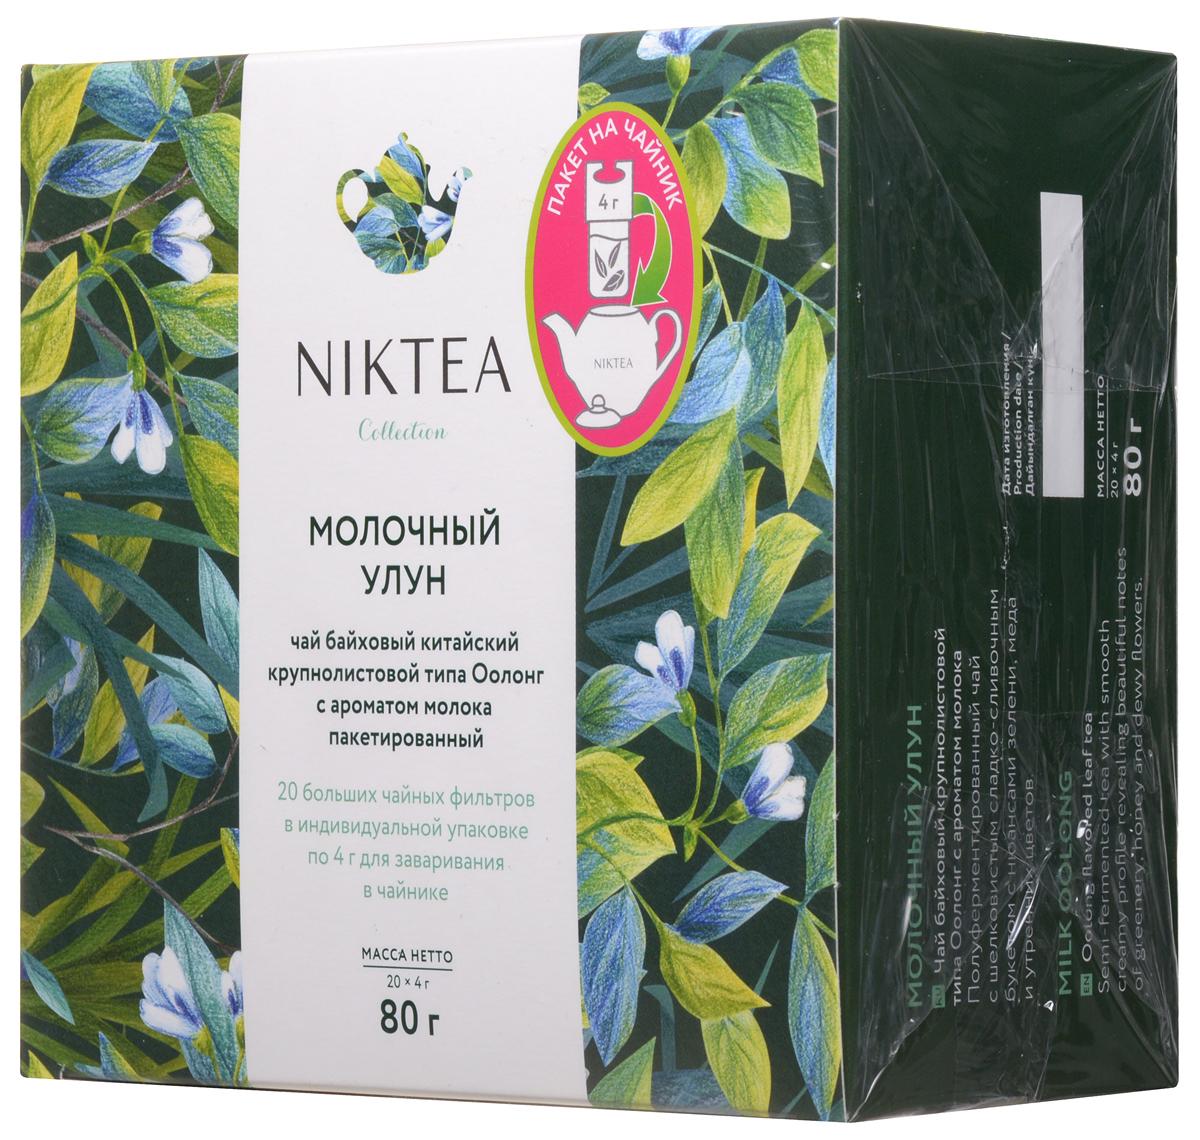 Niktea Milk Oolong чай зеленый для чайника, 20 пакетов по 4 гTALTHA-GP0002Niktea Milk Oolong - полуферментированный чай c шелковистым сладко-сливочным букетом с нюансами зелени, меда и утренних цветов.Коллекция NikTea разработана командой экспертов, имеющих богатый опыт в чайной индустрии. Во время ее создания выбирались самые надежные поставщики из Европы и стран происхождения чая, а в линейку включили не только топовые аутентичные позиции, но и новые интересные рецептуры в традициях современной чайной миксологии.NikTea - это действительно качественный чай. Для истинных ценителей мы предлагаем безупречное качество: отборное сырье, фасовку на высокотехнологичном производственном комплексе в России, постоянный педантичный контроль готового продукта, а также сертификацию сырья по международным стандартам.NikTea - это разнообразие. В линейках листового и пакетированного чаяпредставлены все основные группы вкусов - от классического черного и зеленого чая до ароматизированных, фруктовых и травяных композиций.NikTea - это стиль. Необычная упаковка с модным авторским дизайном создает яркий и запоминающийся стиль, а интересные коктейльные рецептуры дают возможность экспериментировать со вкусами.NikTea для чайников - коллекция листового чая, упакованного в специальные фильтр-пакеты, рассчитанные под чайник.В коллекции представлены 6 основных must have вкусов - каждый сможет выбрать себе чай по душе. Удобство заваривания чая из этой коллекции нельзя недооценить:просто достаньте фильтр-пакет из индивидуального полупрозрачного конверта-саше и опустите его в заварочный чайник, далее следуйтеинструкции по завариванию конкретного купажа. Большой фильтр из специального волокна не разрушается в кипятке, обладает отличной пропускной способностью.